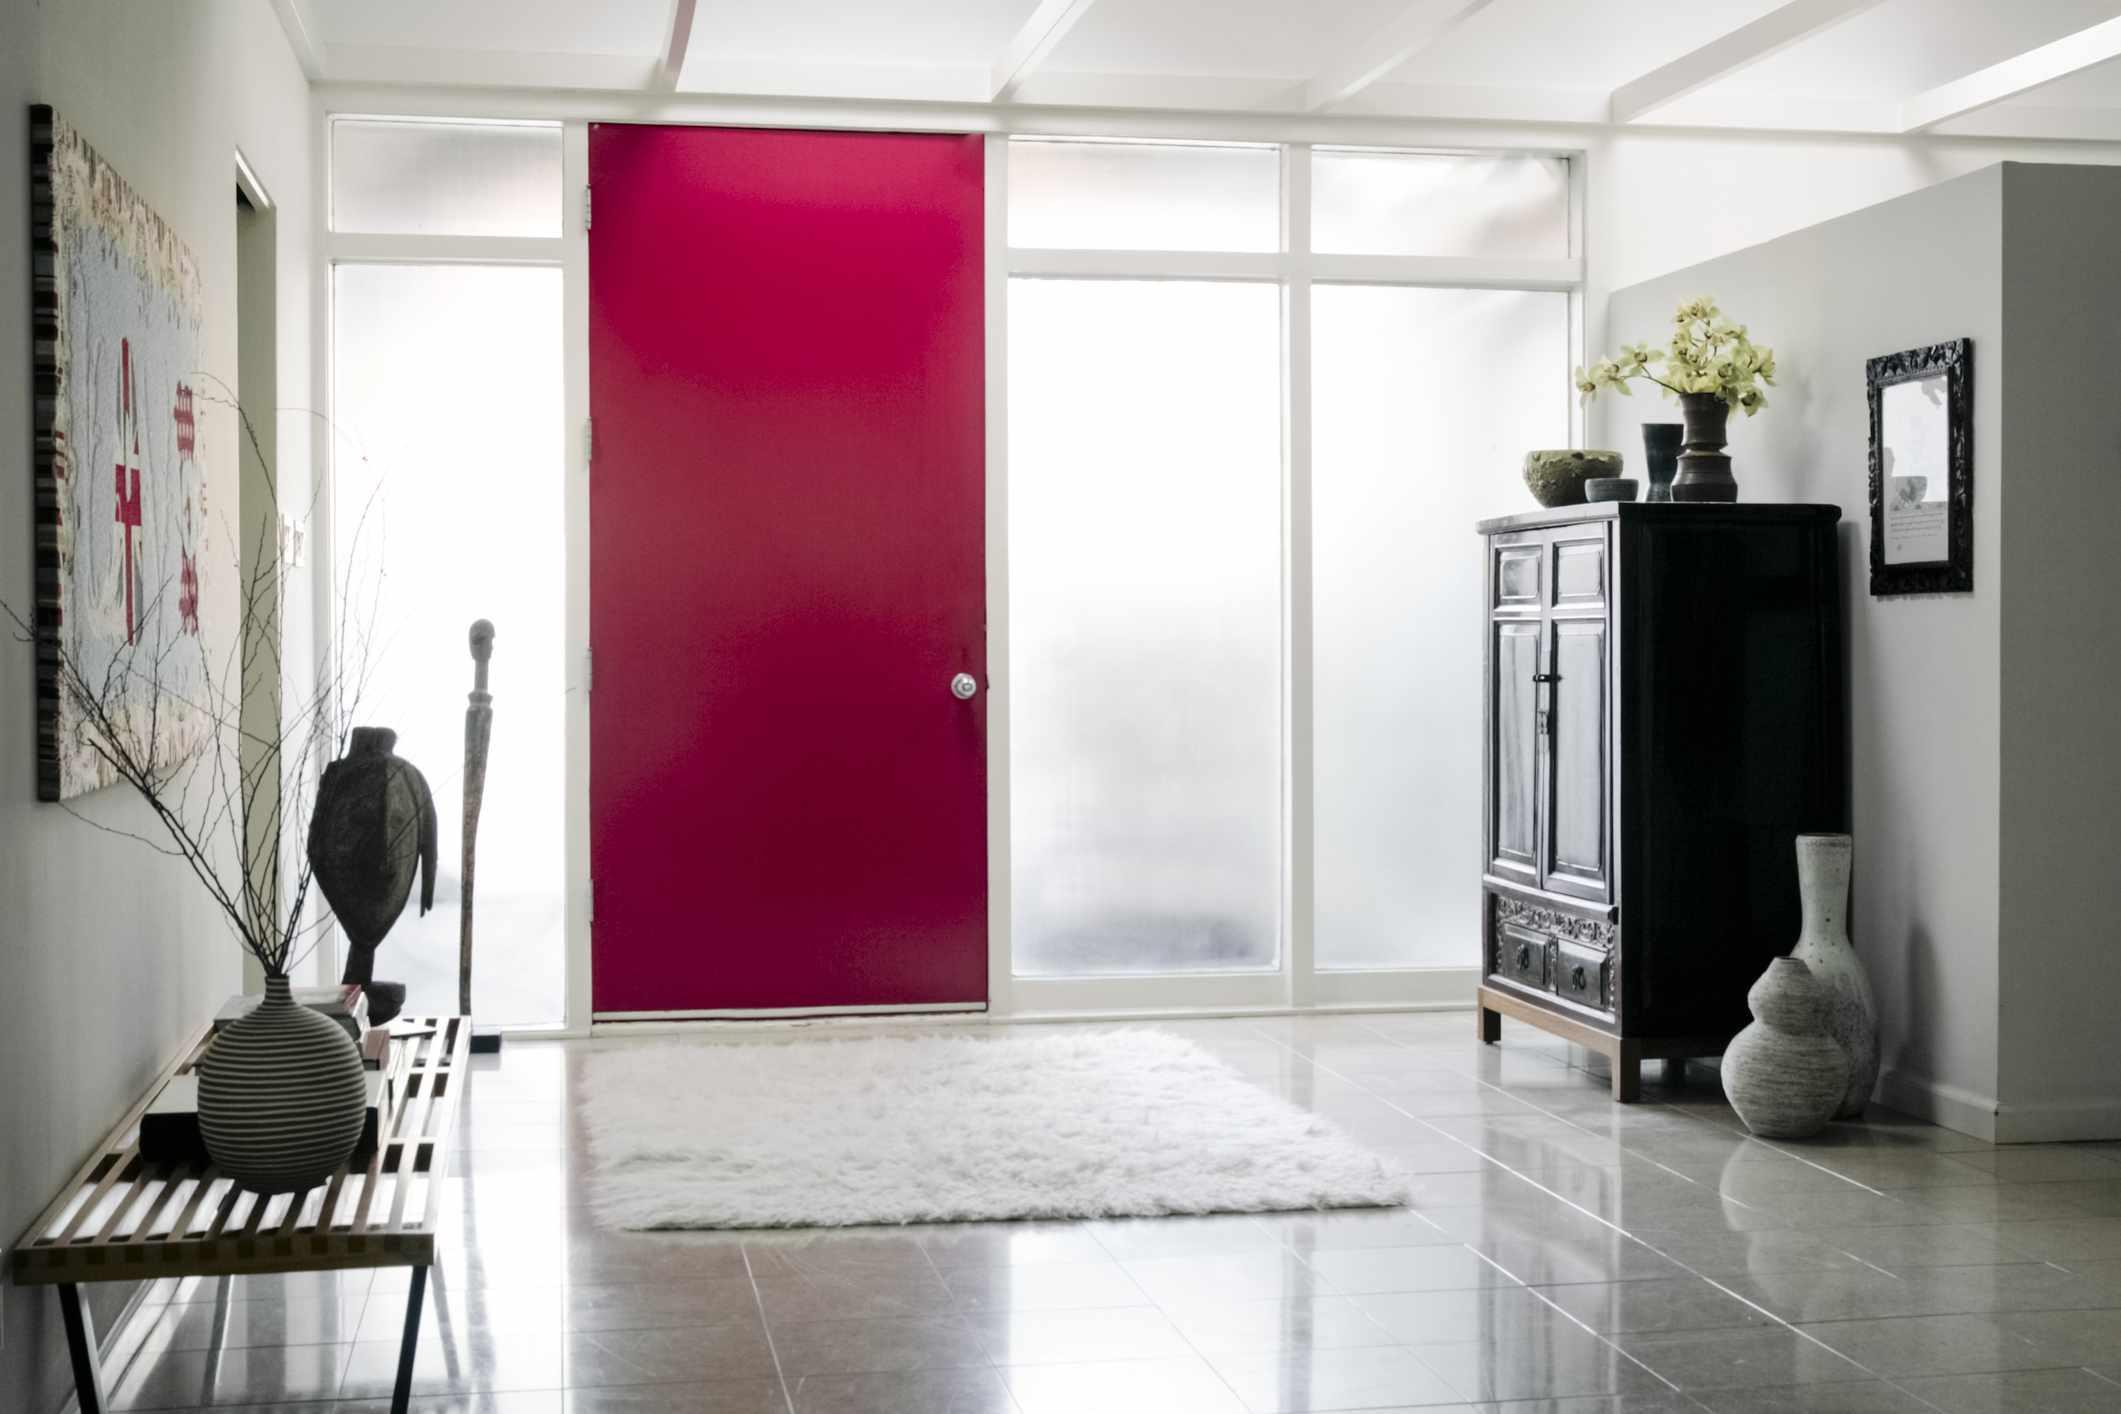 Red door in foyer